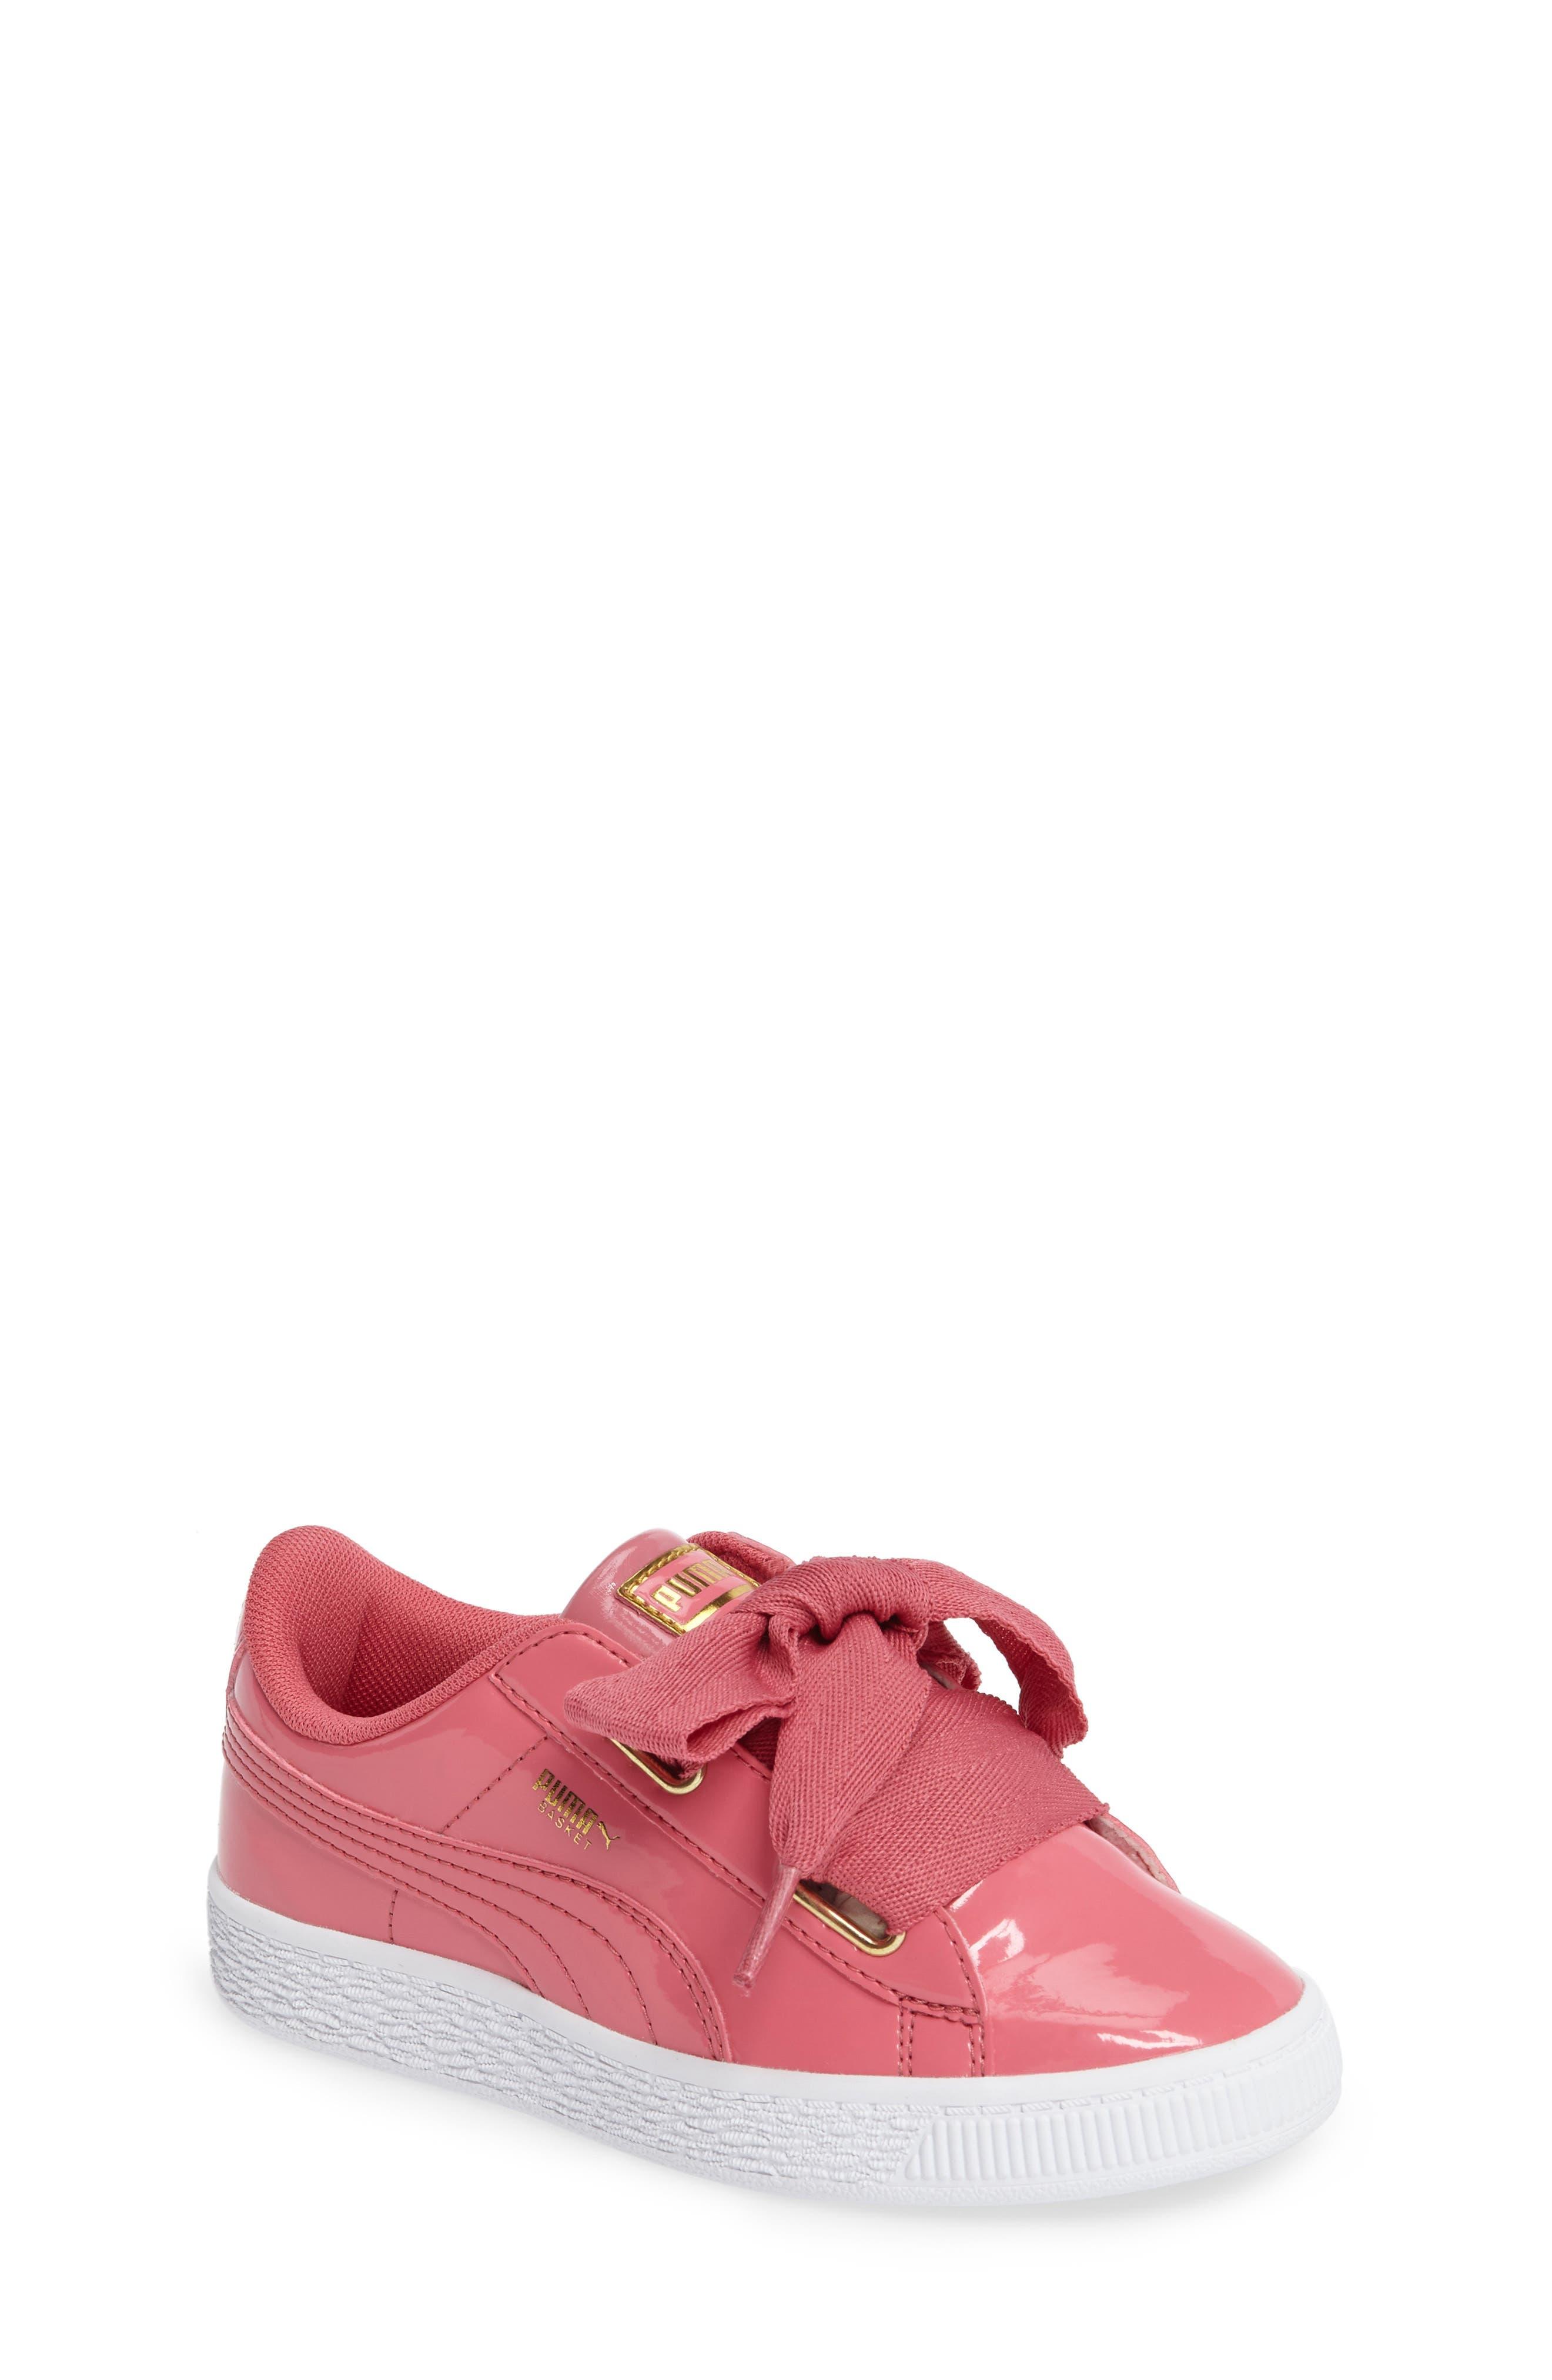 Basket Heart Sneaker,                         Main,                         color, Rapture Rose/ Puma Team Gold